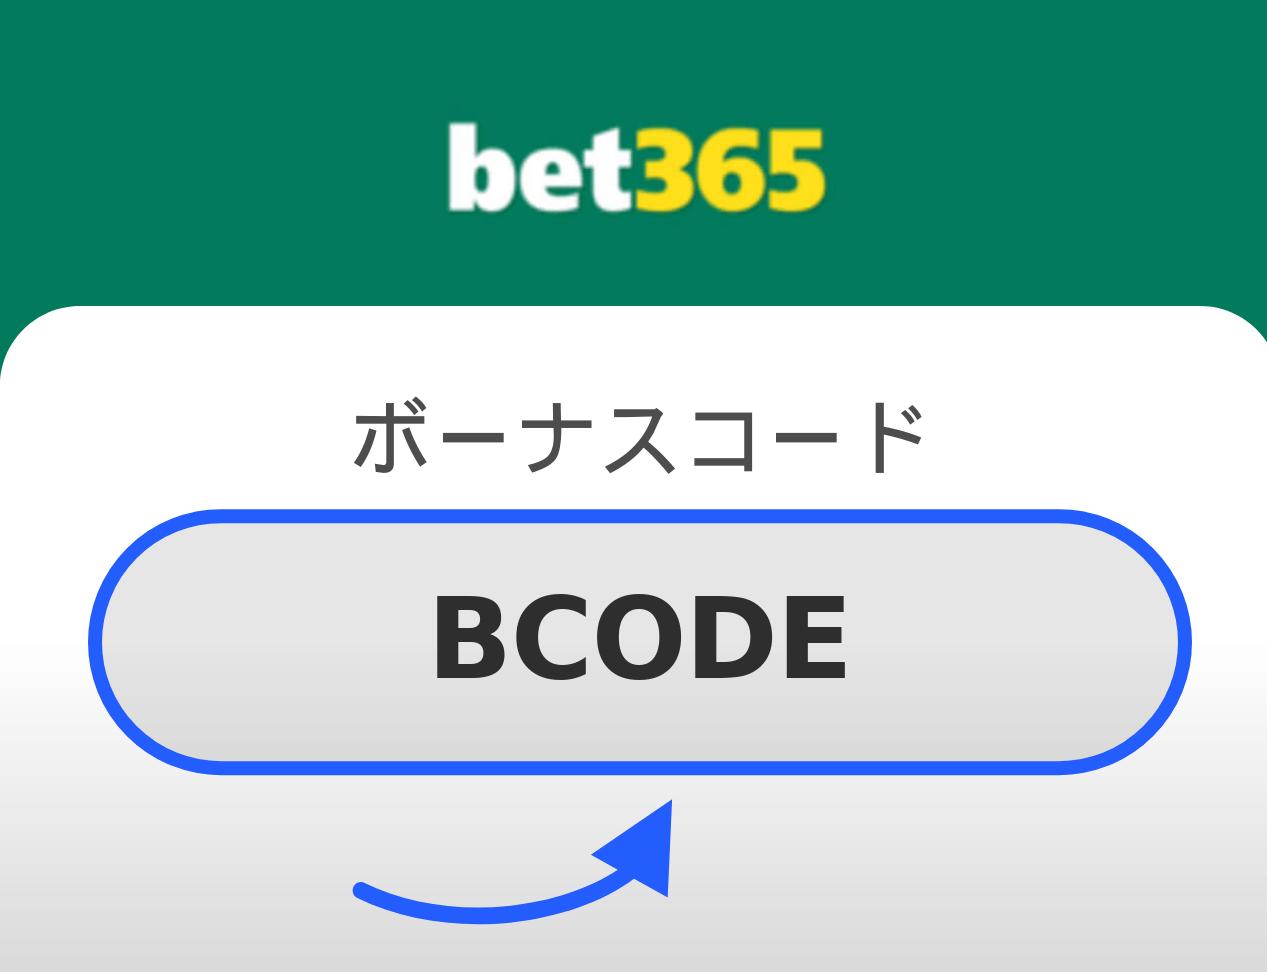 bet365 ボーナスコード